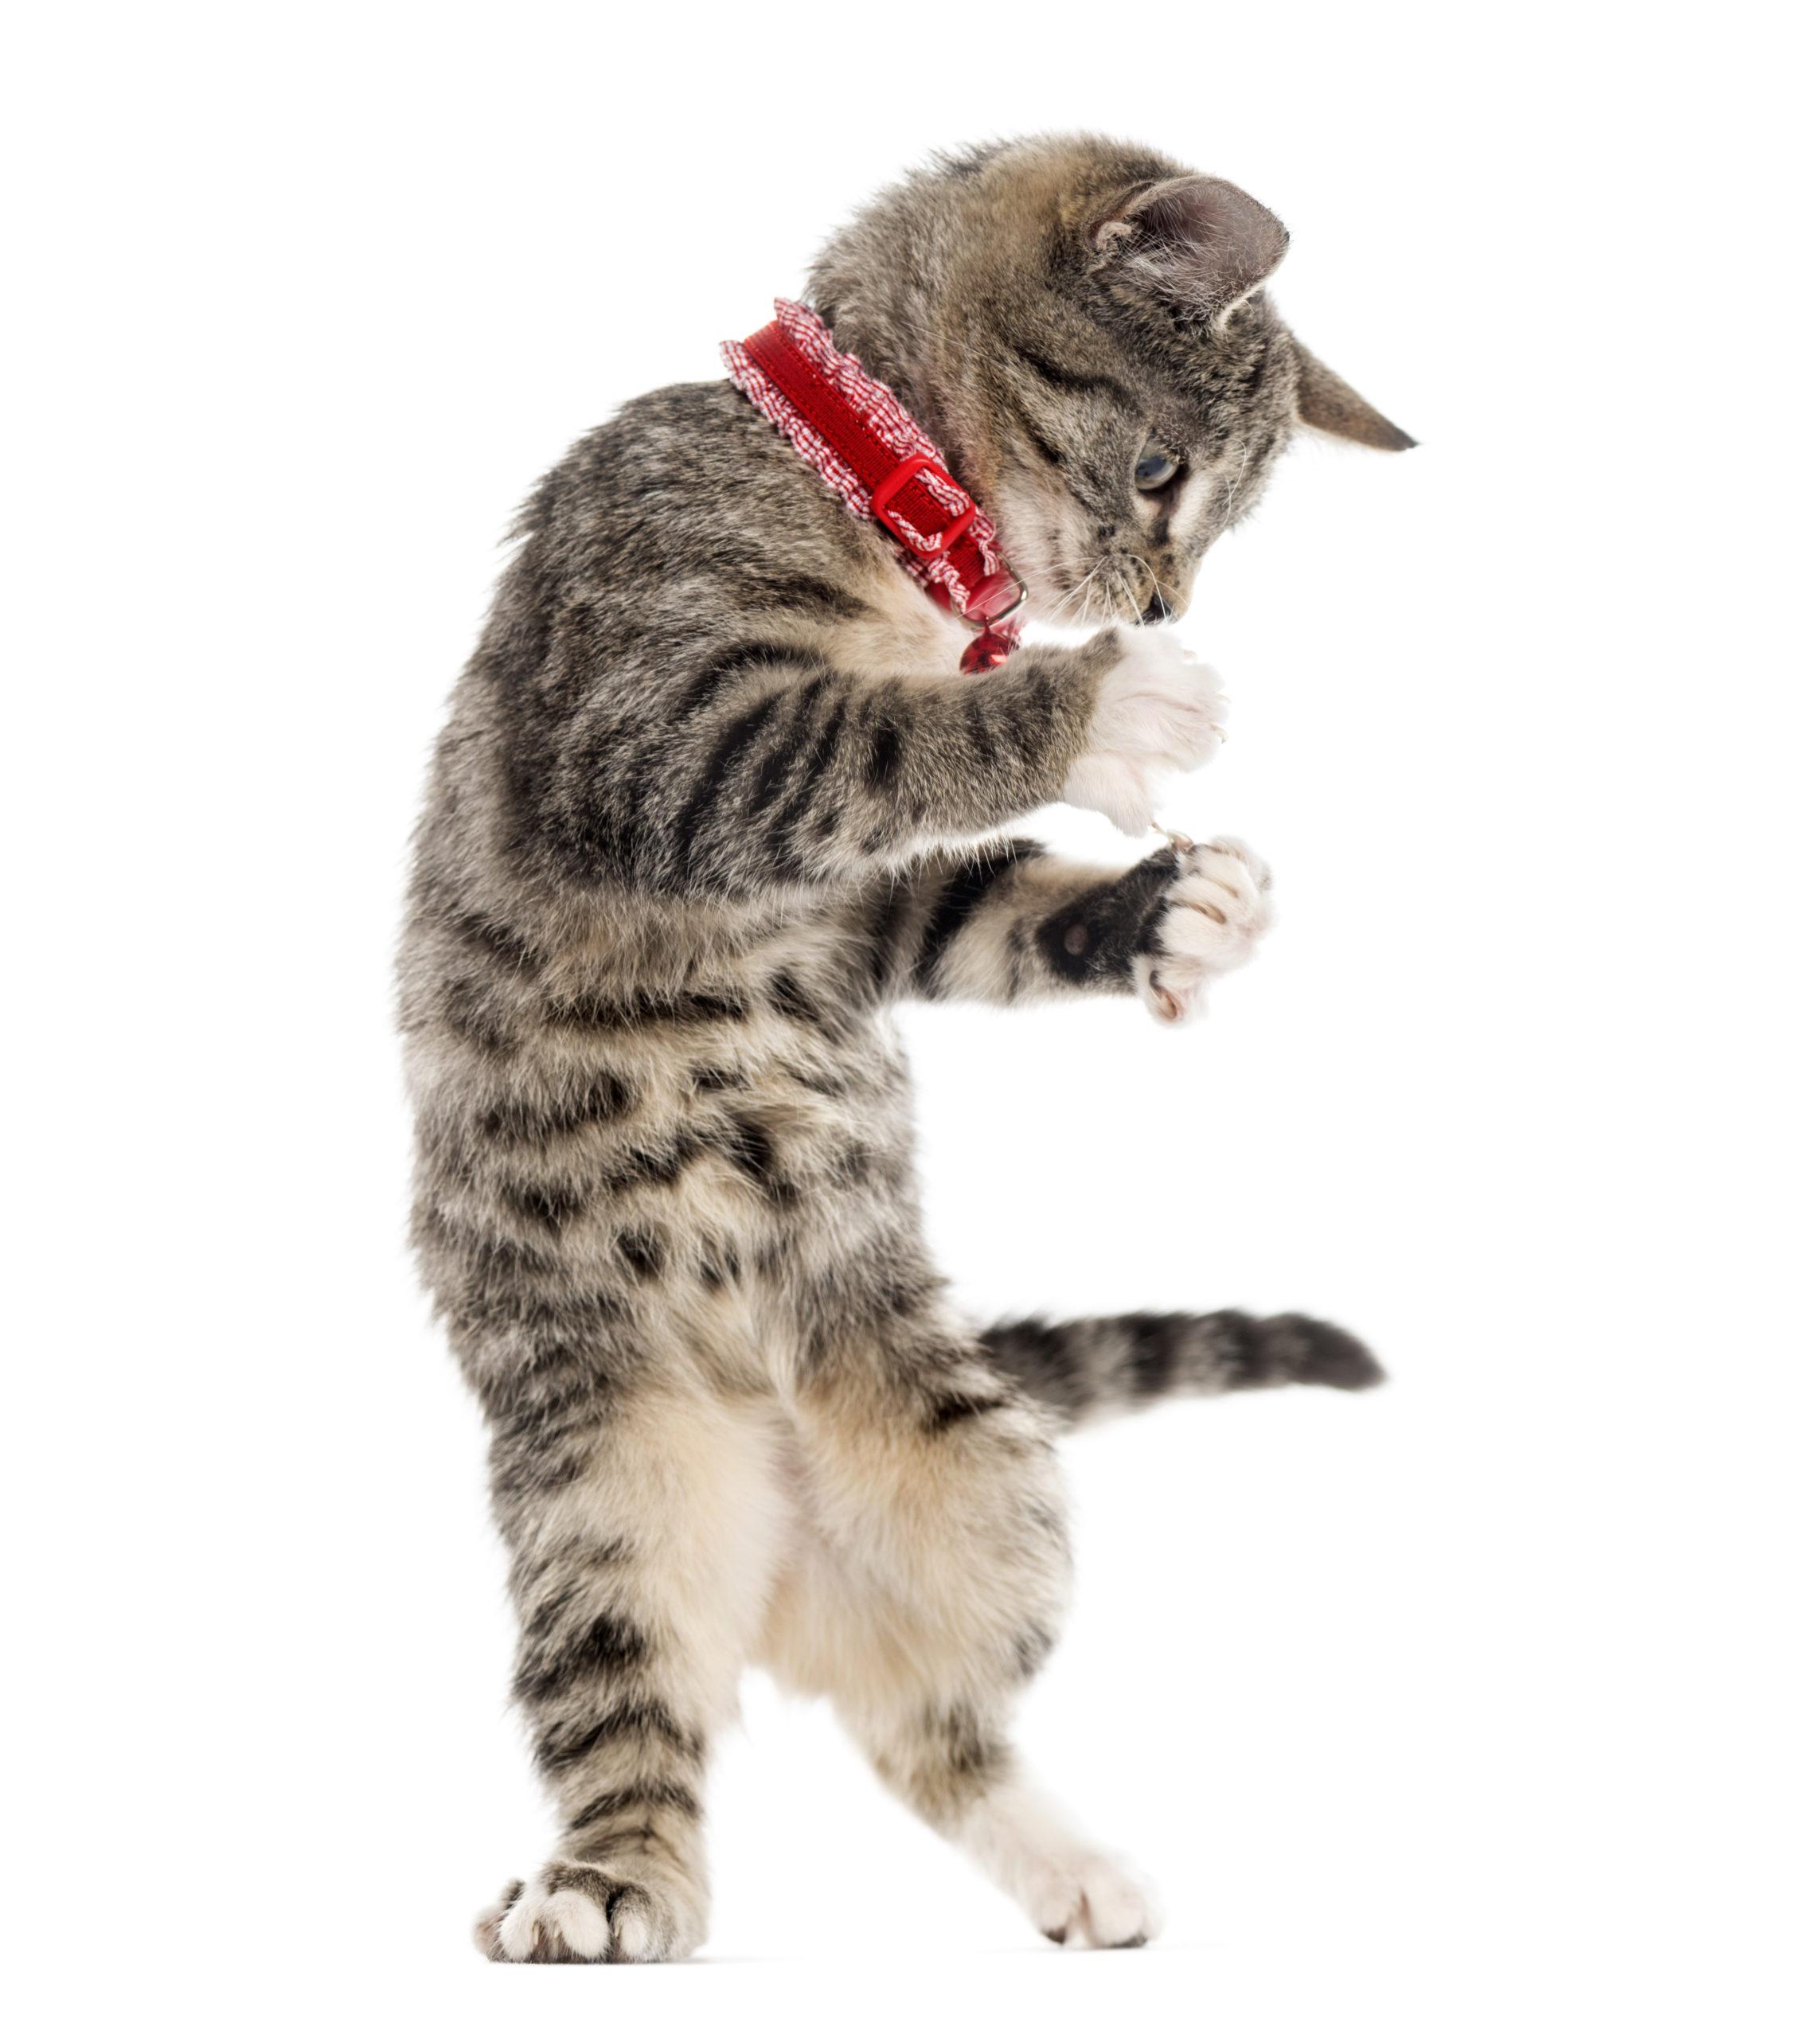 猫が首輪を嫌がる場合の対処法